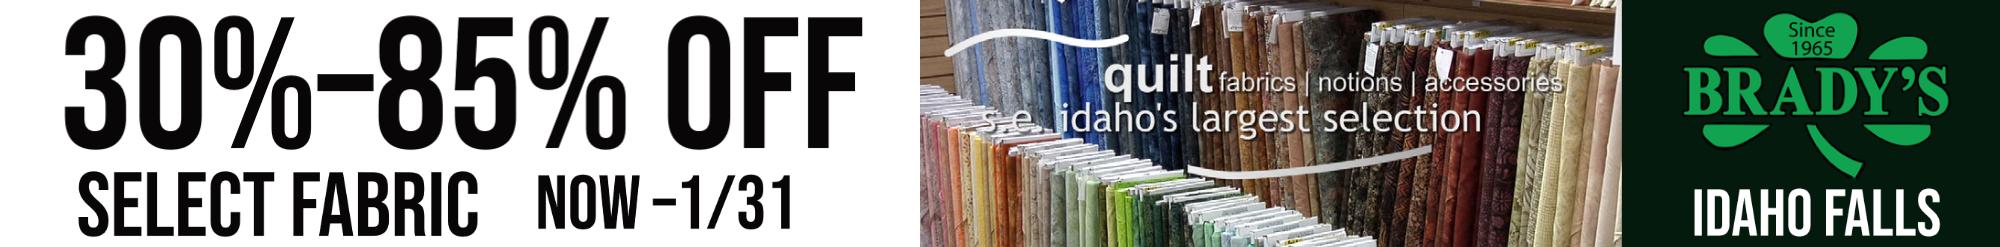 Sewing Idaho Falls